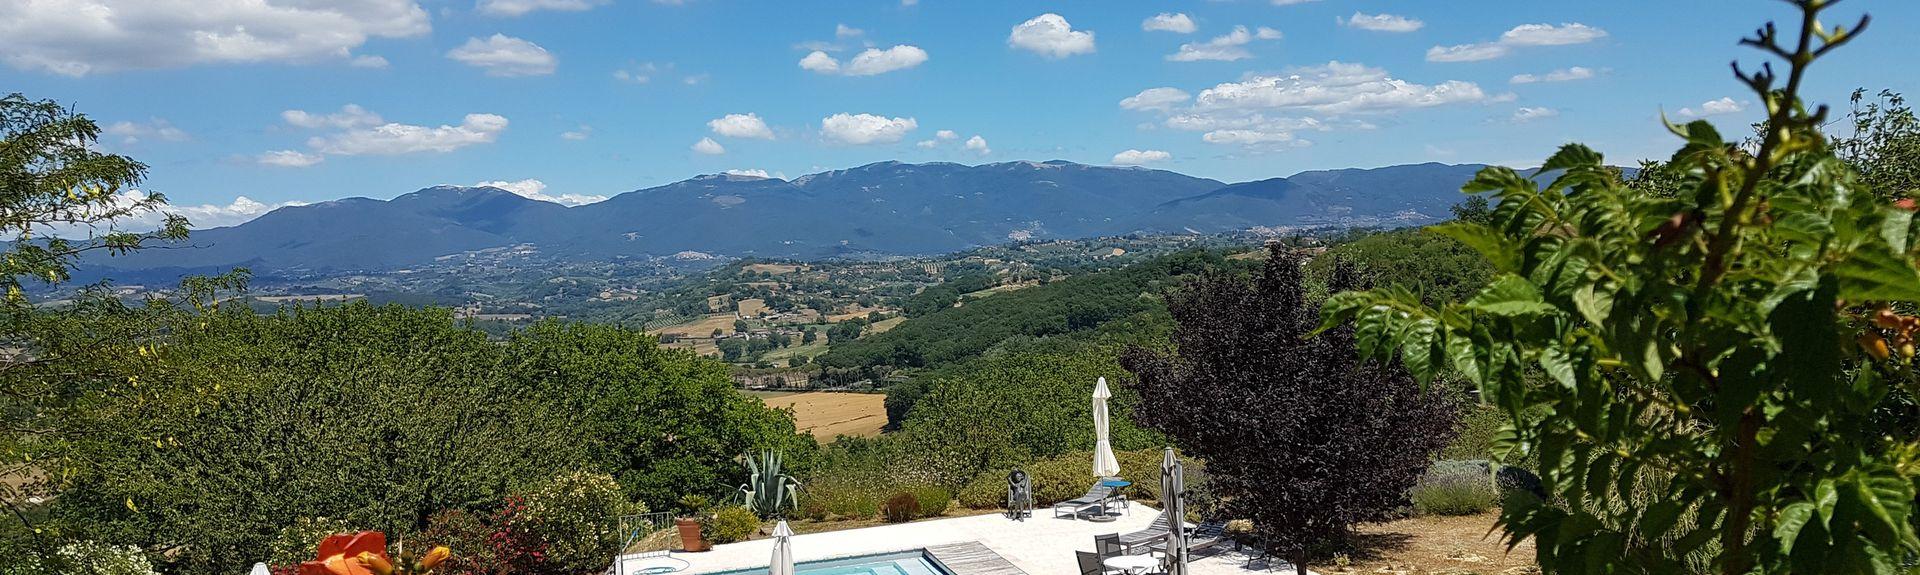 Vacone, Lacjum, Włochy